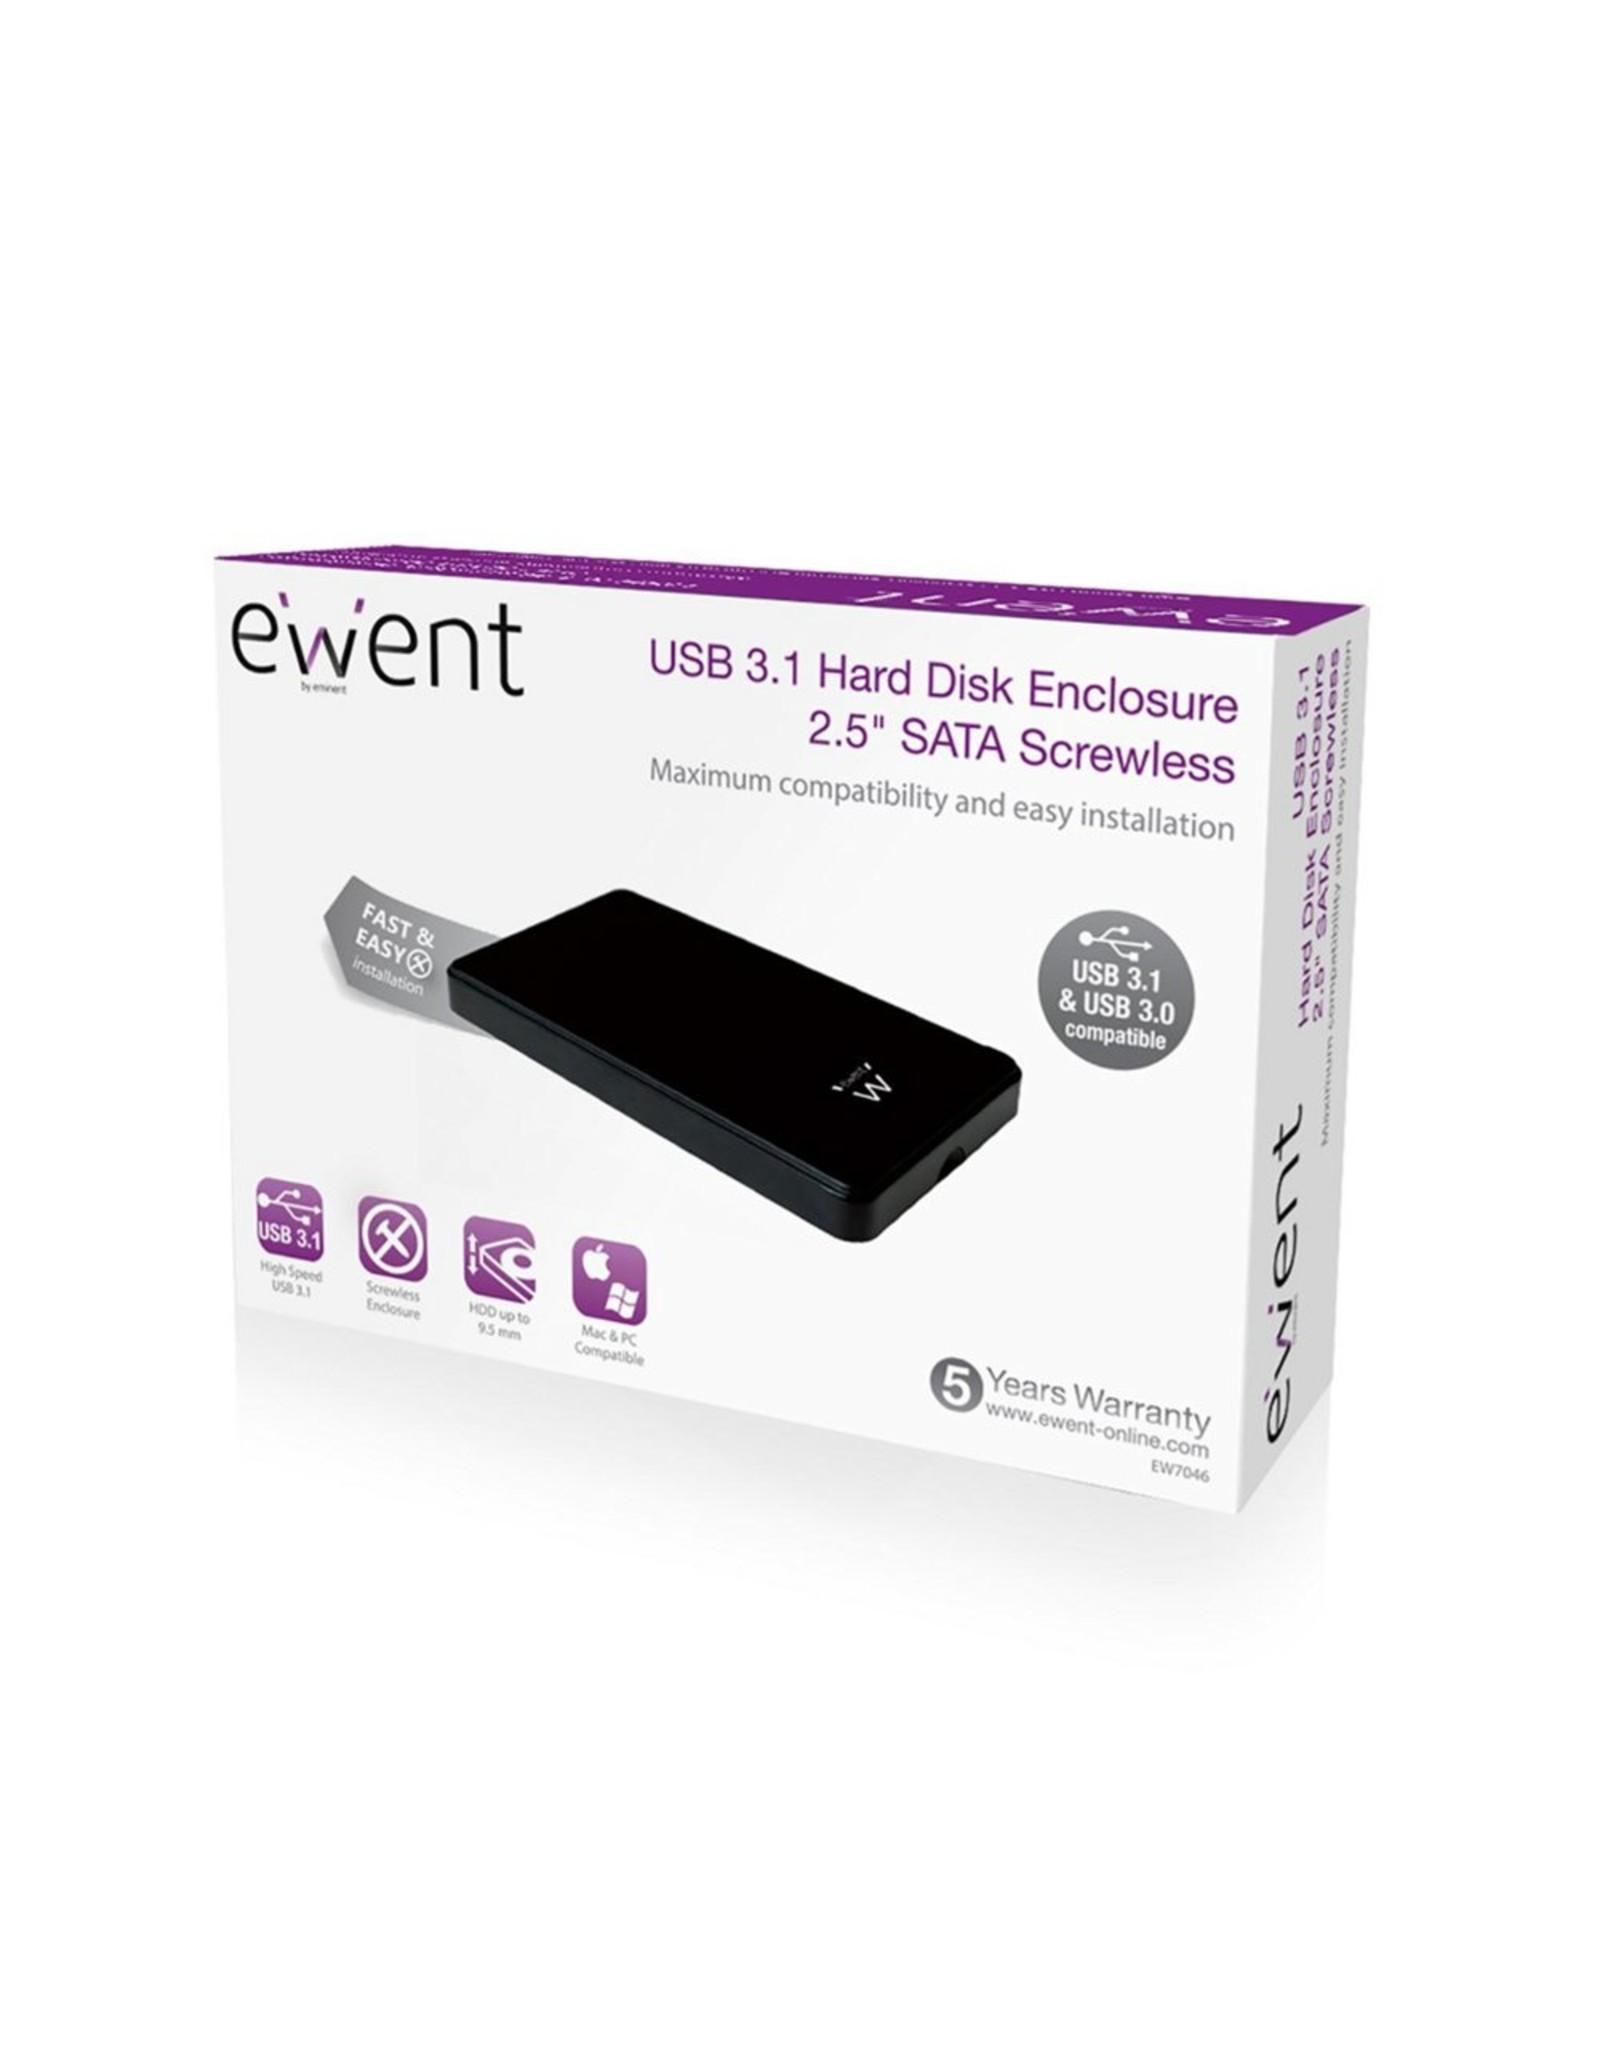 Ewent Behuizing 2.5Inch SATA SSD/HDD Screwless